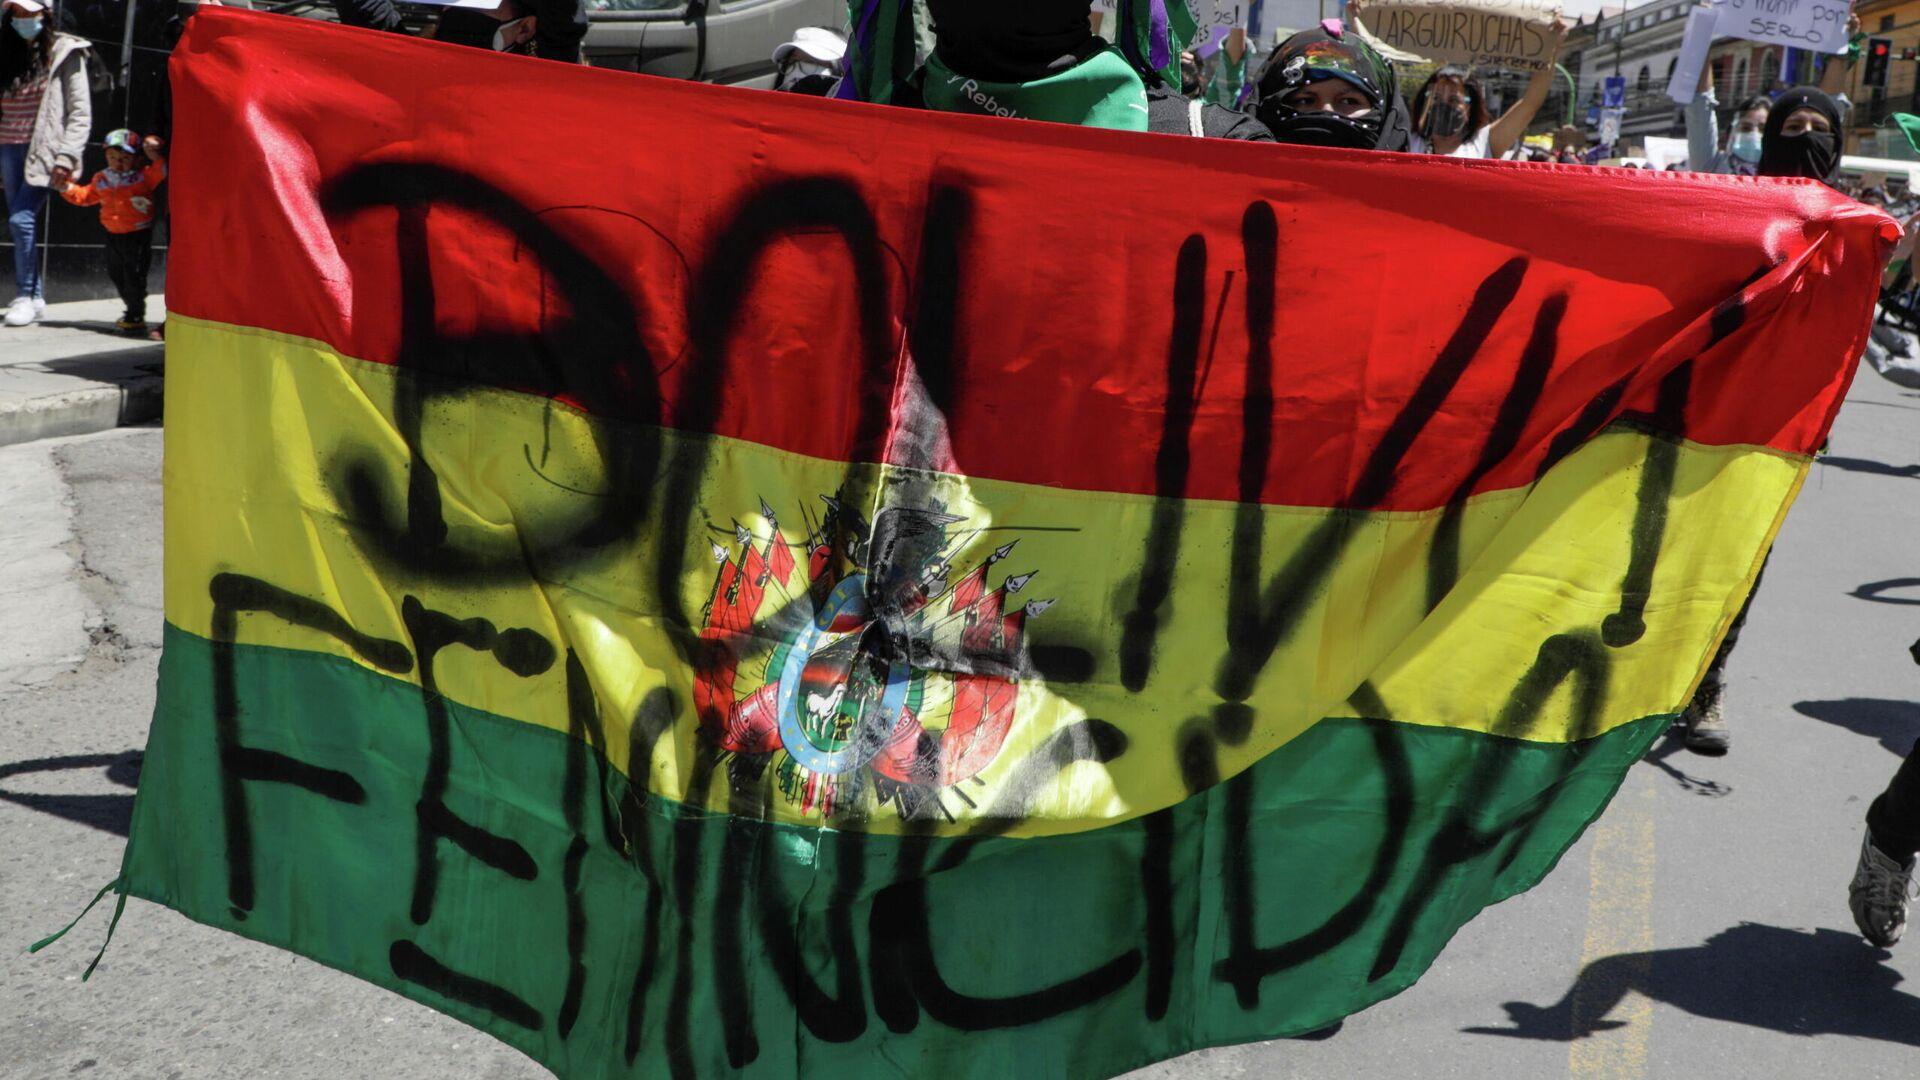 Manifestante contra los feminicidios en Bolivia durante el Día Internacional de la Mujer - Sputnik Mundo, 1920, 10.03.2021